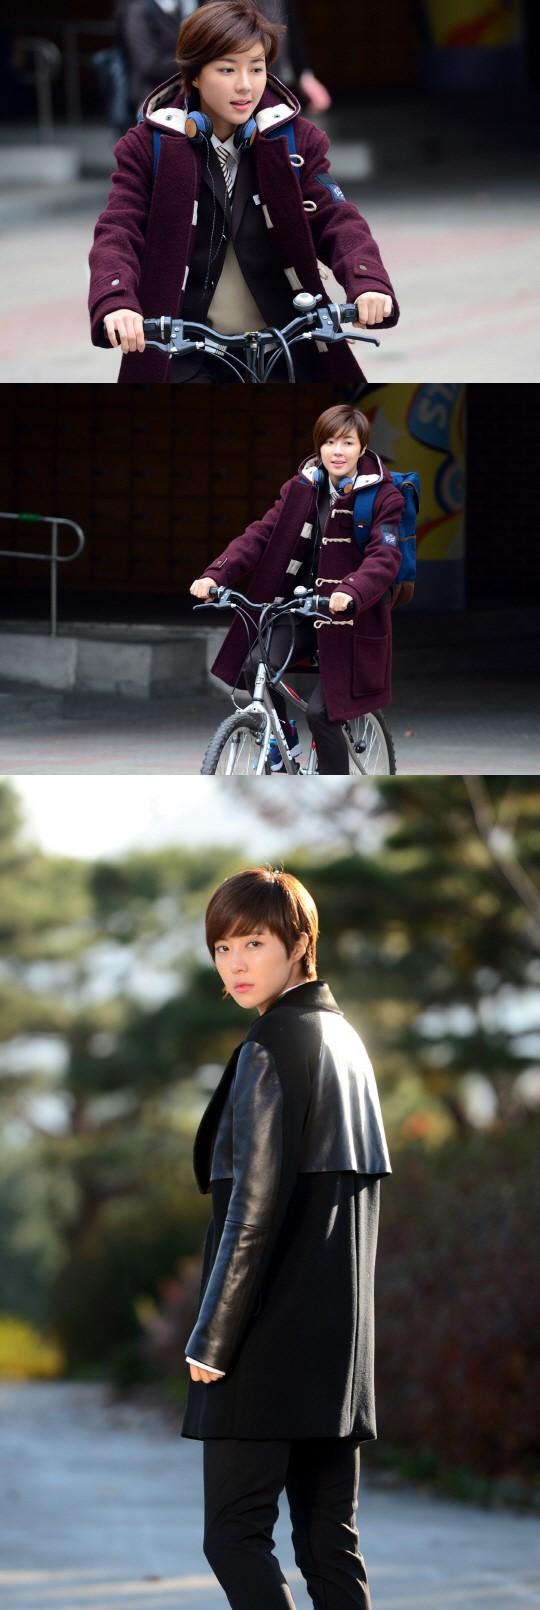 Park Han Byul new drama stills 1119